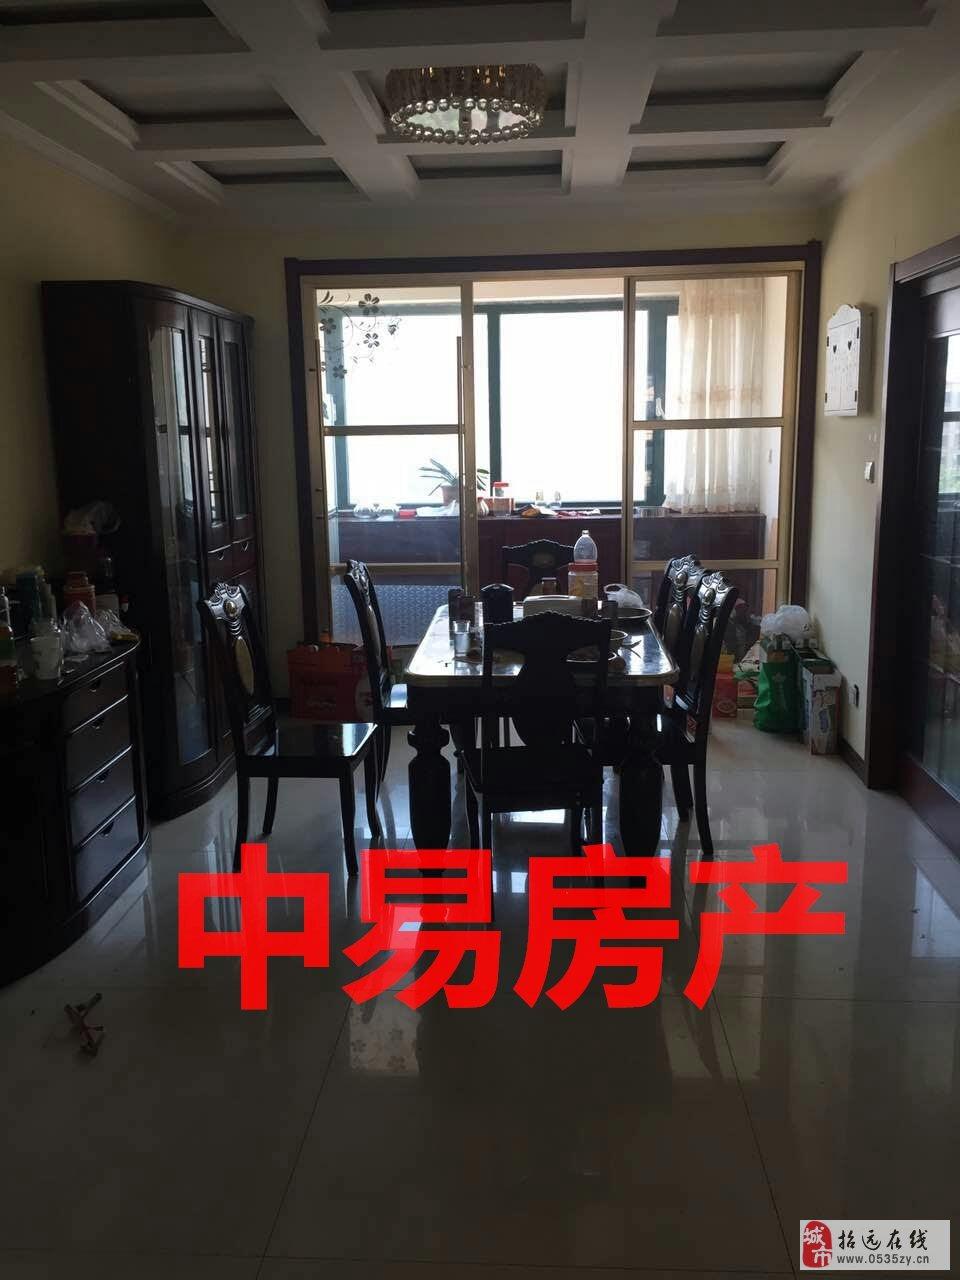 9554招远出售金晖丽景苑5楼豪华装修218平米